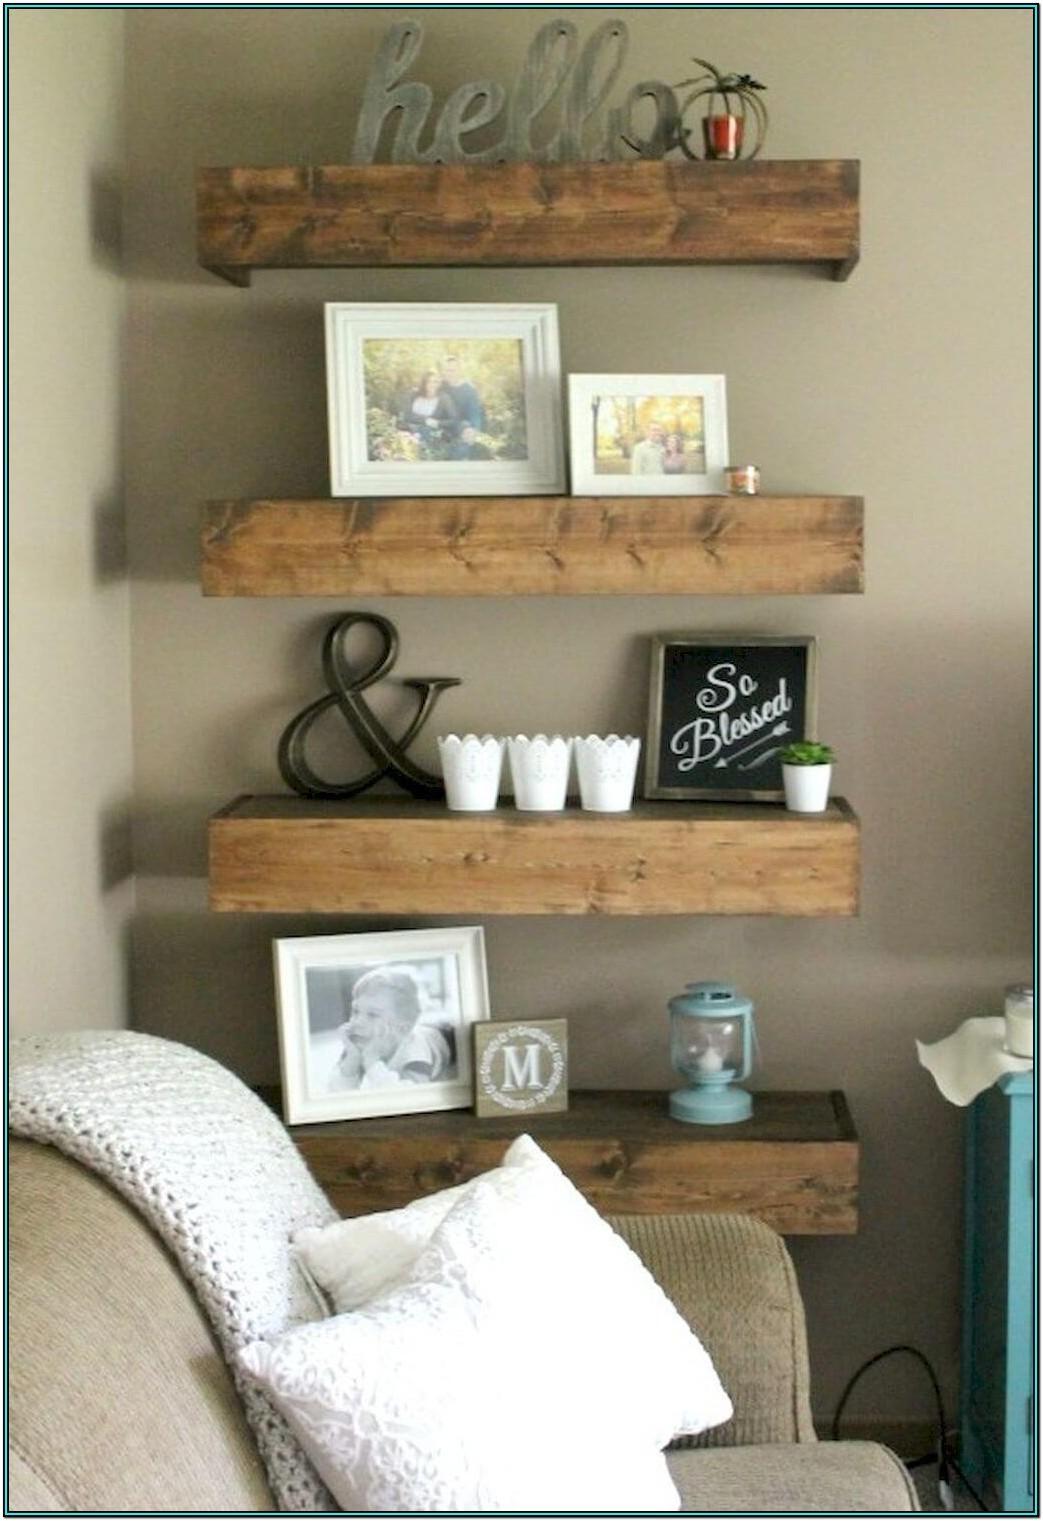 Farmhouse Living Room Shelf Decor Ideas